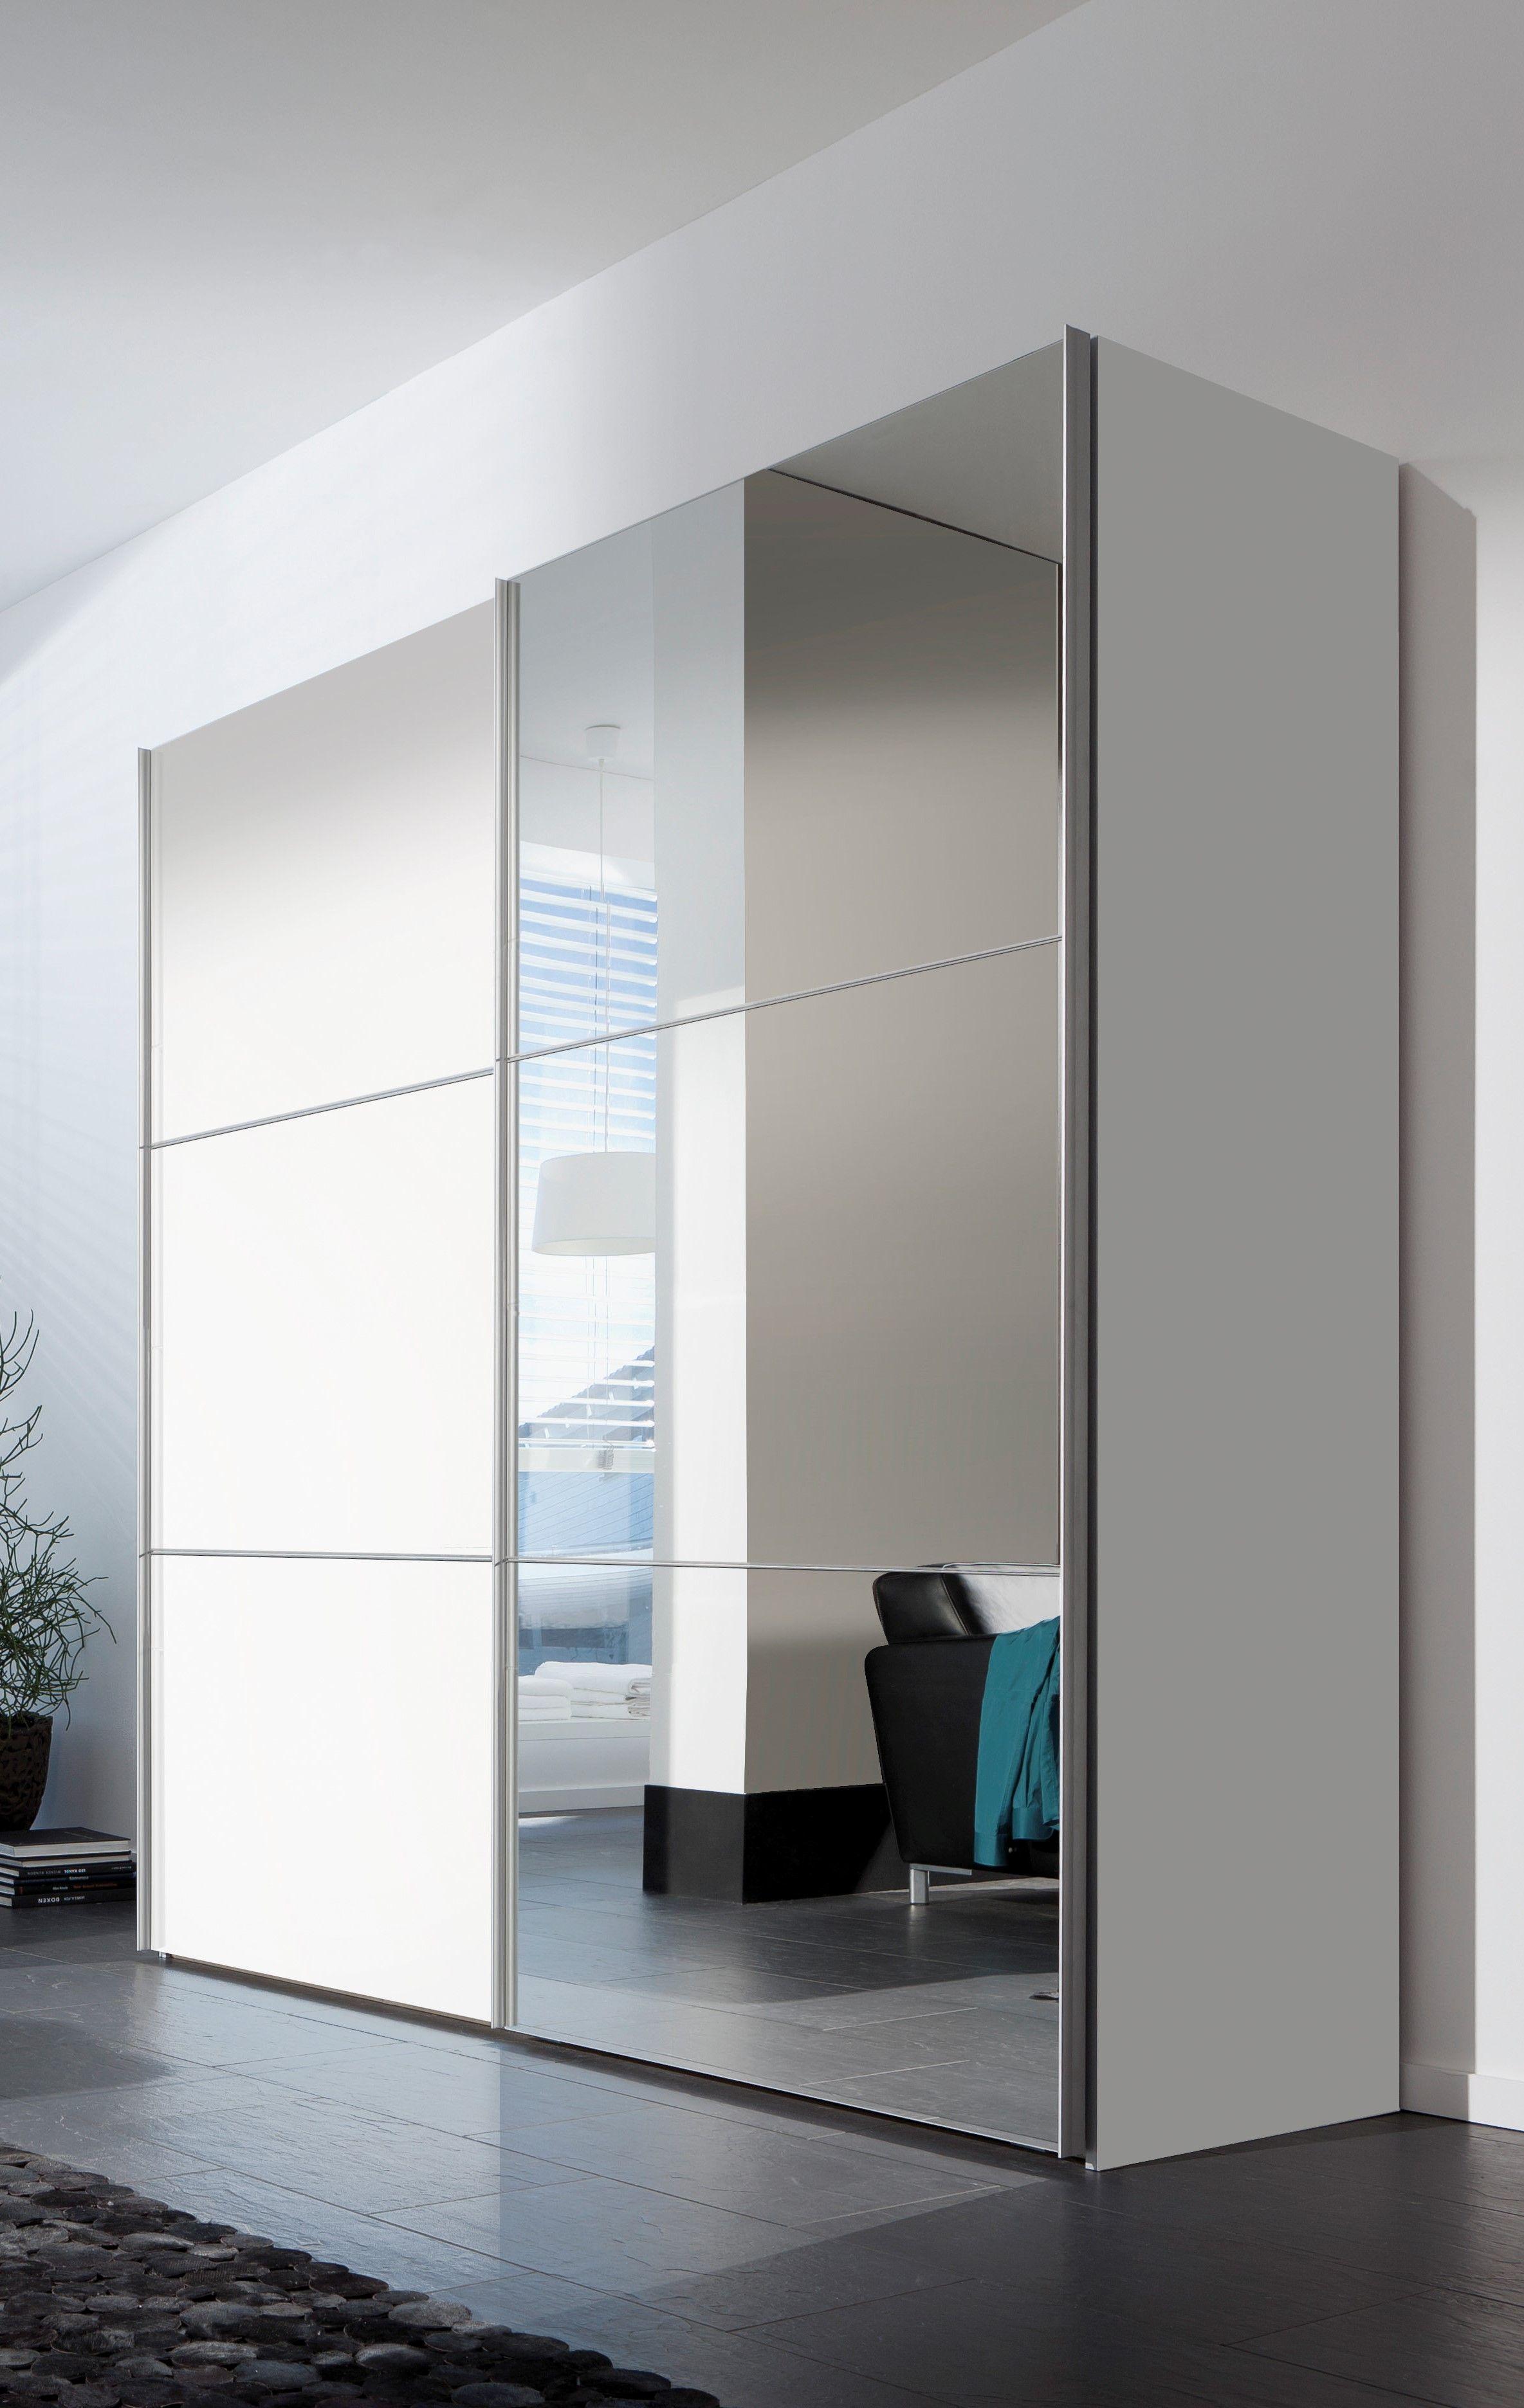 kleiderschr nke im angebot 41 elegant bilder von. Black Bedroom Furniture Sets. Home Design Ideas